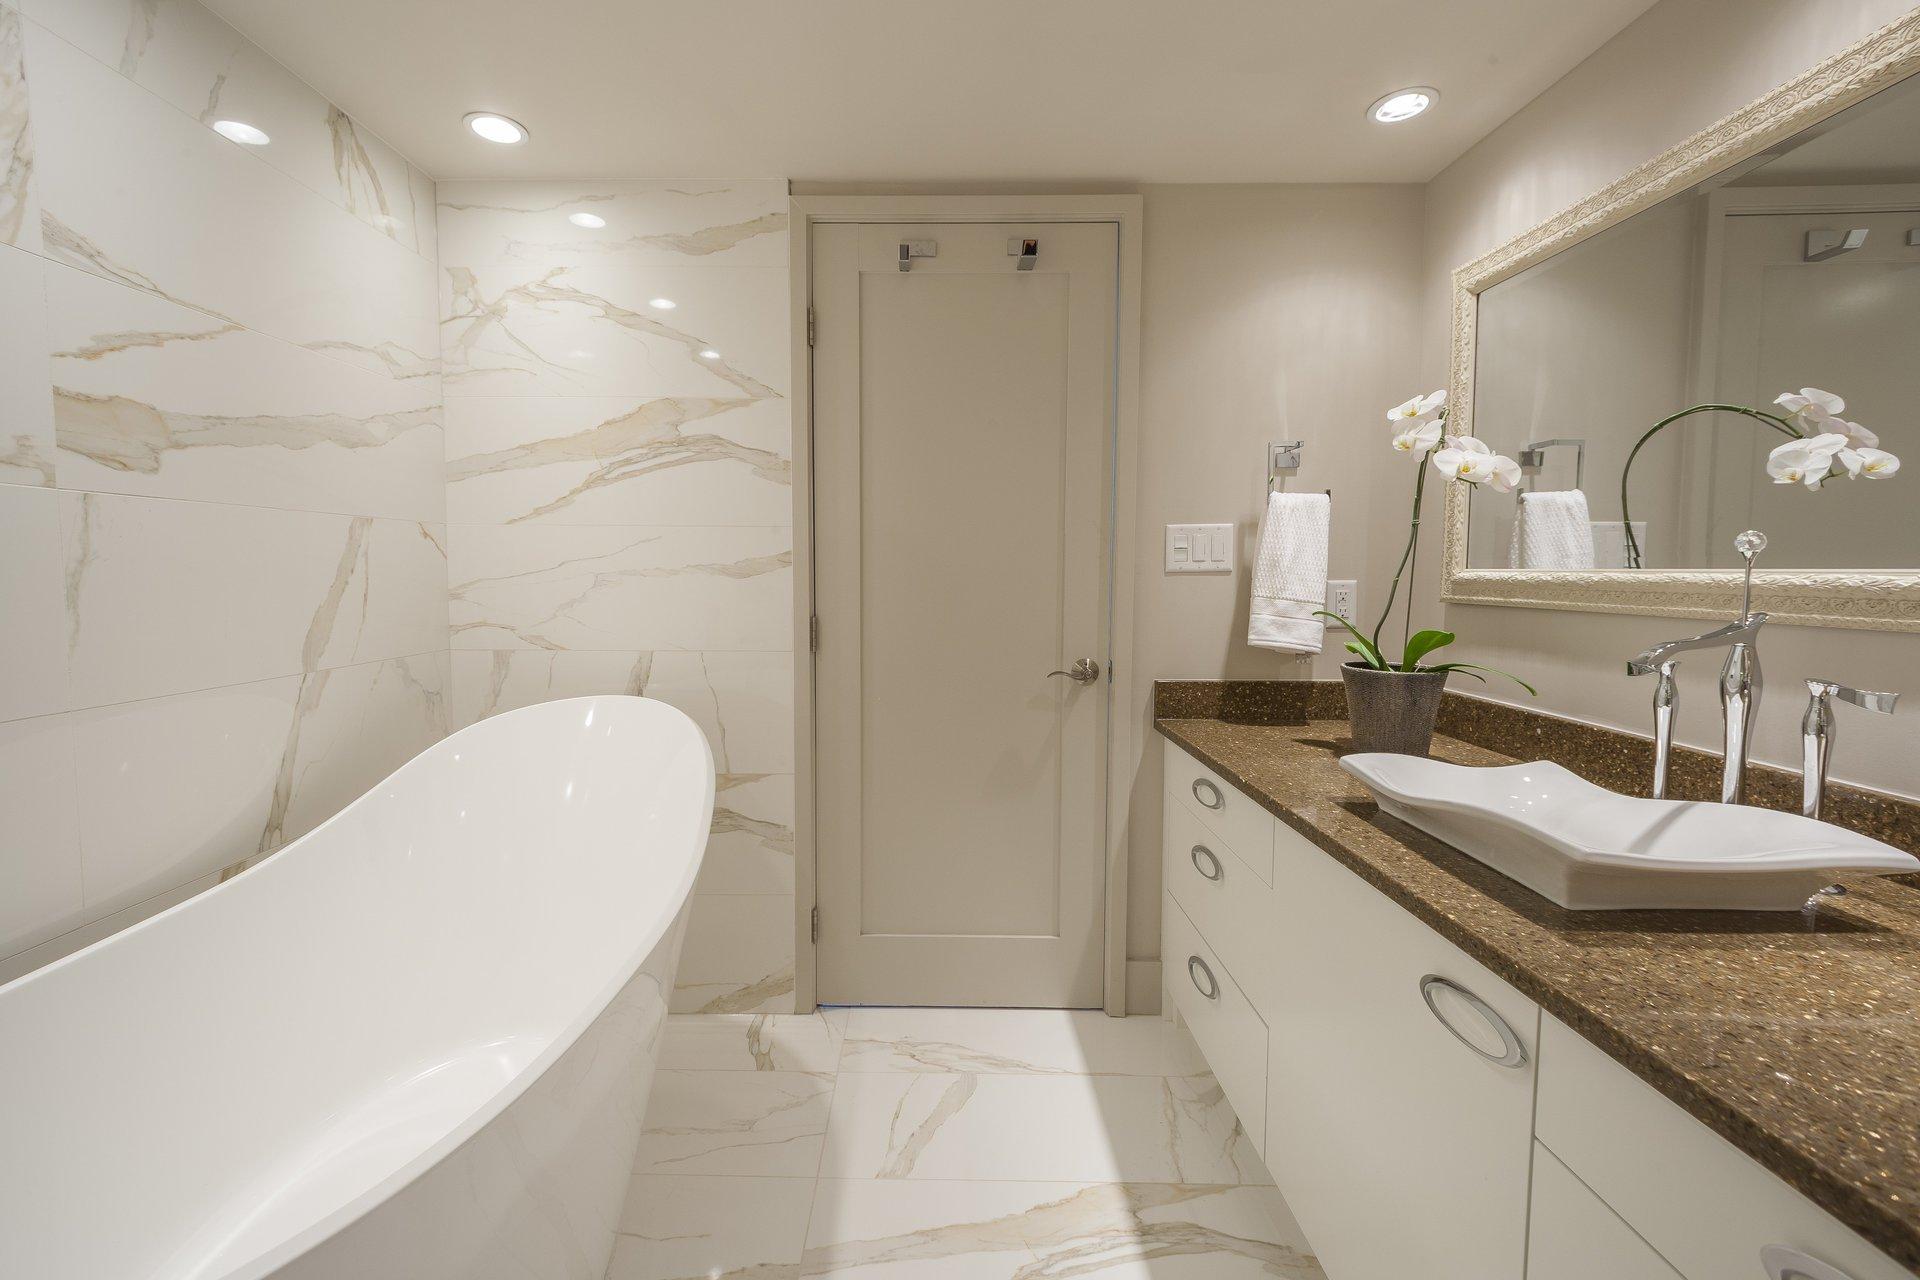 south granville vancouver bathroom renovations designs